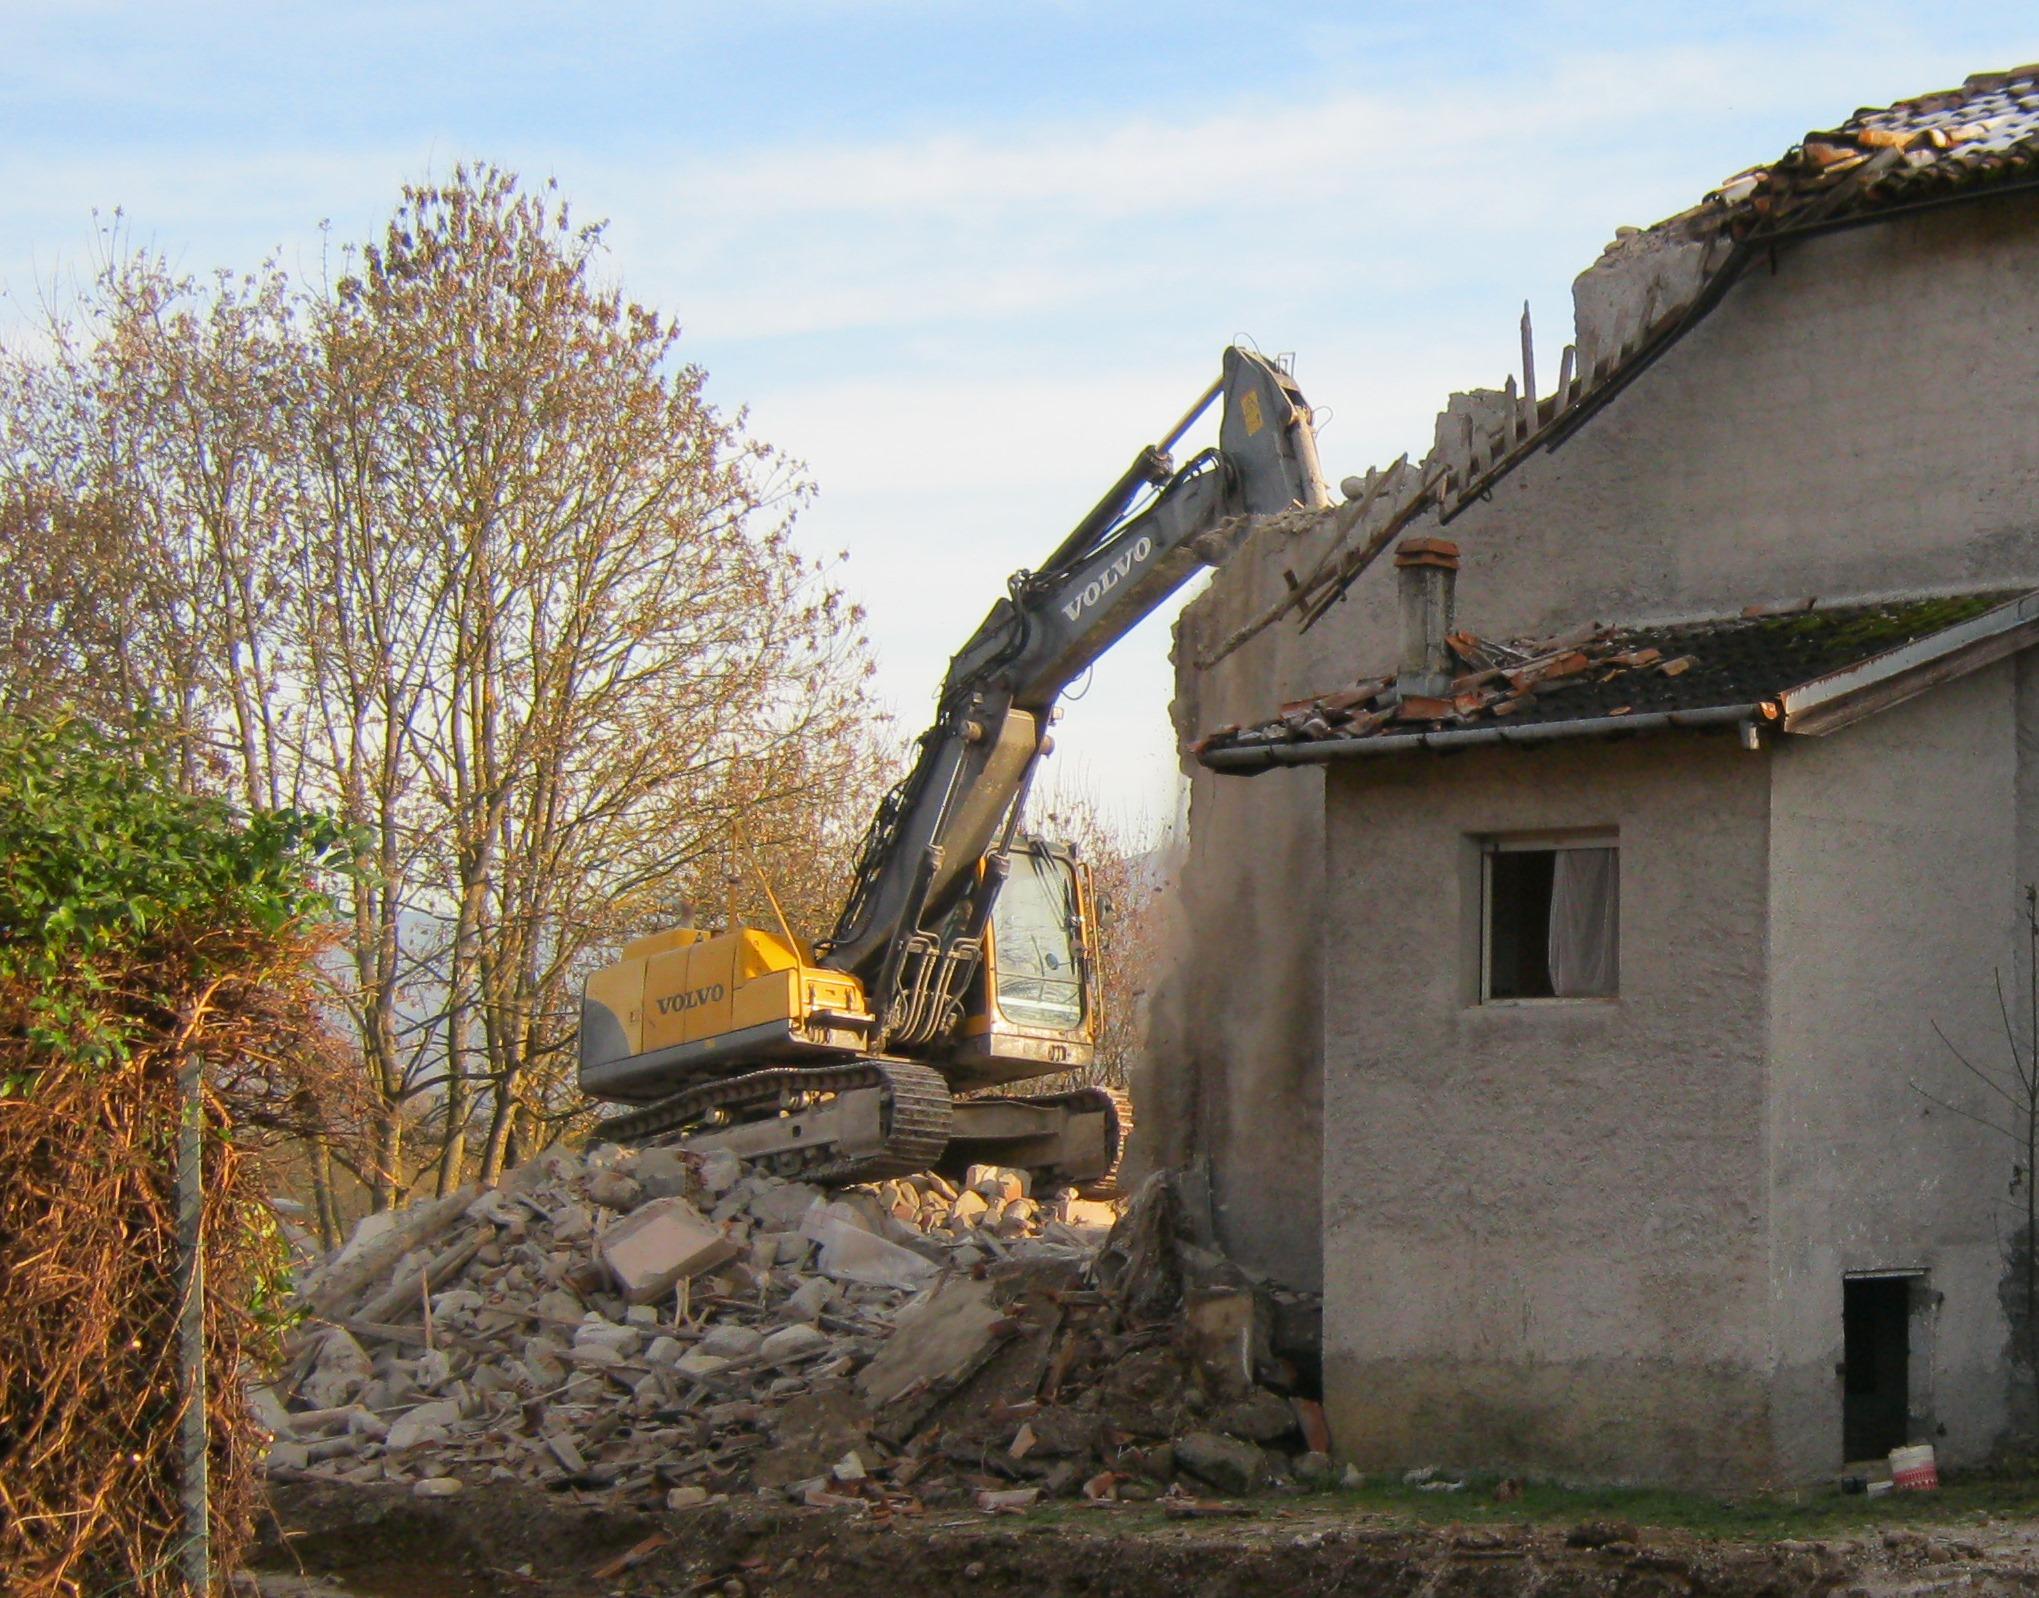 Da casa rurale a bio agriturismo rinnovando struttura e impianti gt il giornale del - Ristrutturazione casa campagna ...